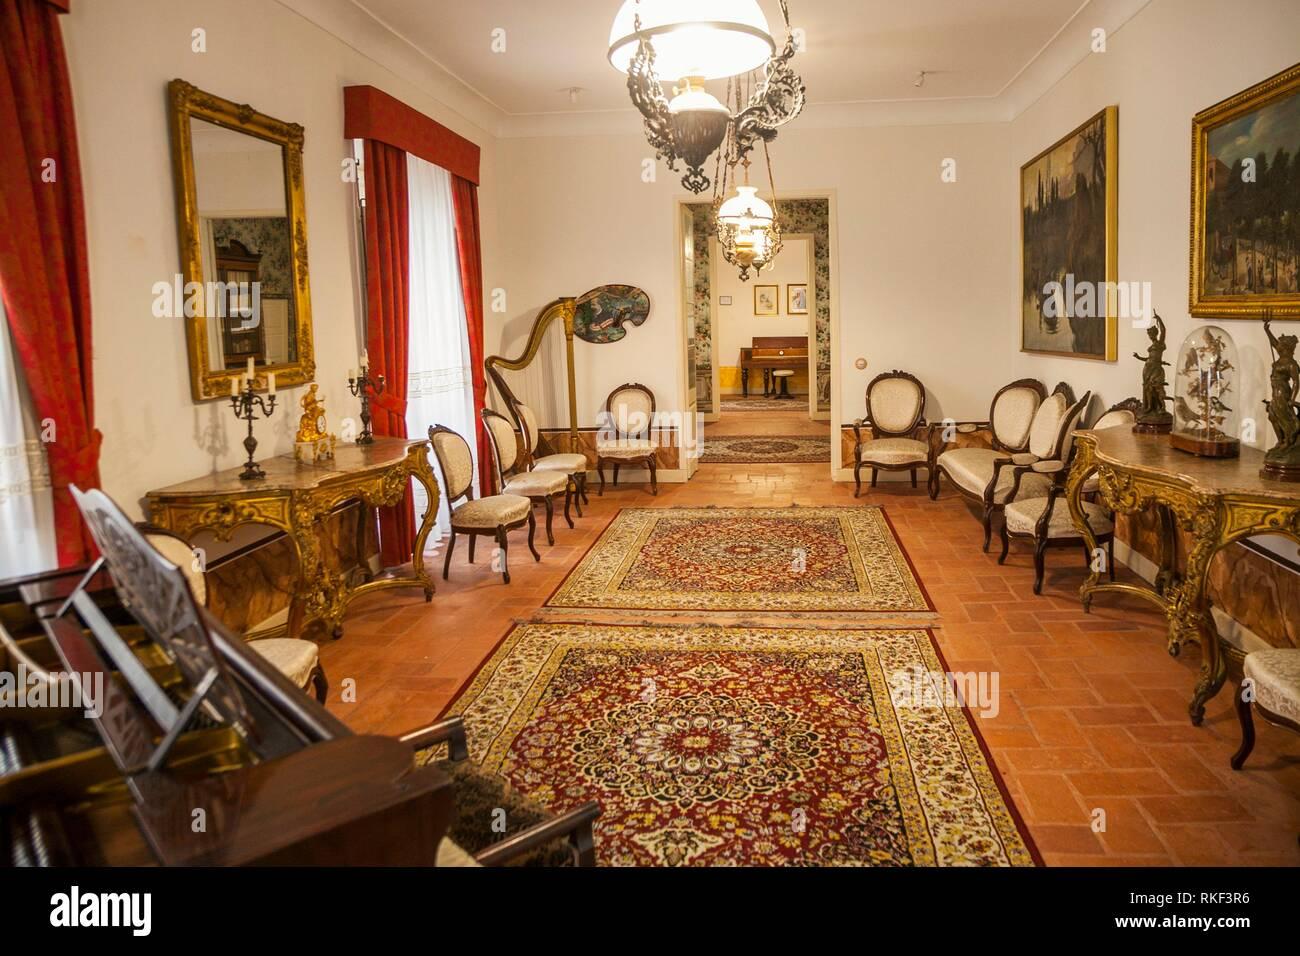 Poet Jose Zorrilla House, Valladolid, Castilla y Leon, Spain - Stock Image